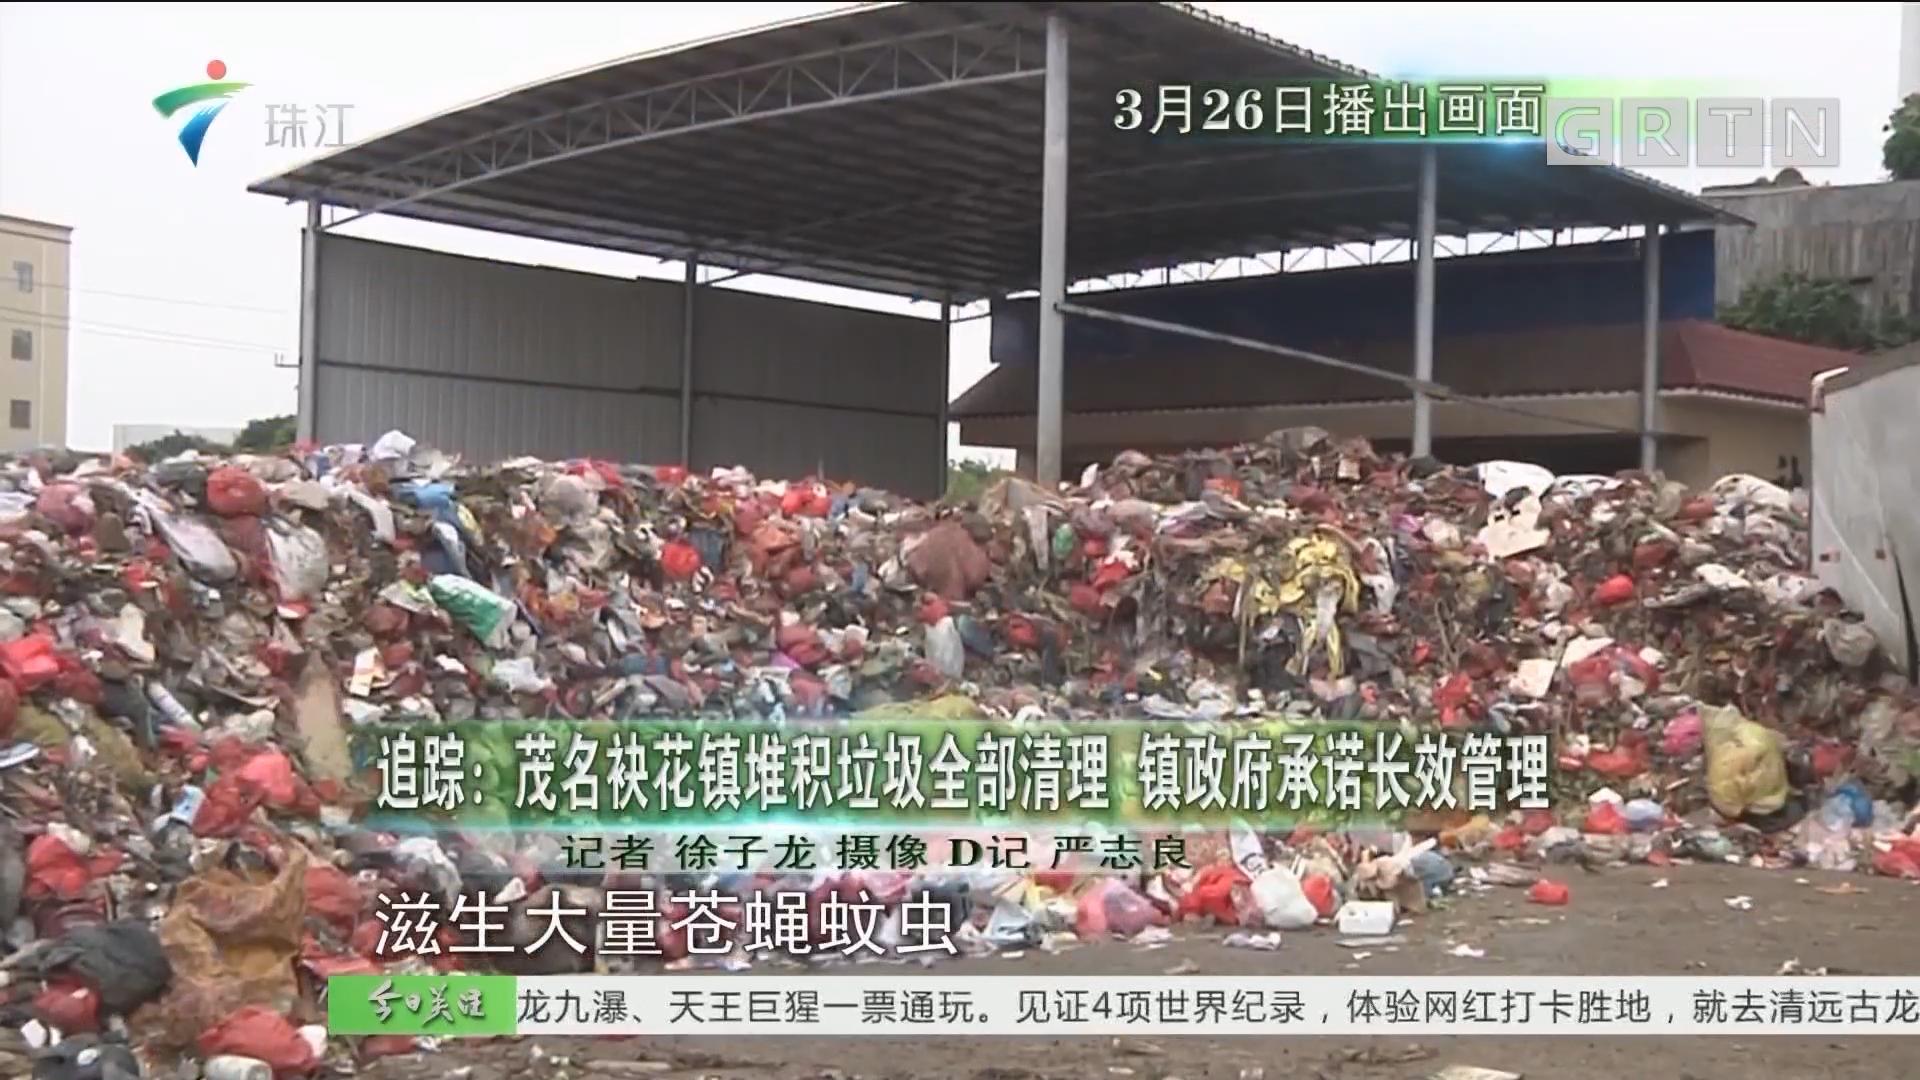 追踪:茂名袂花镇堆积垃圾全部清理 镇政府承诺长效管理